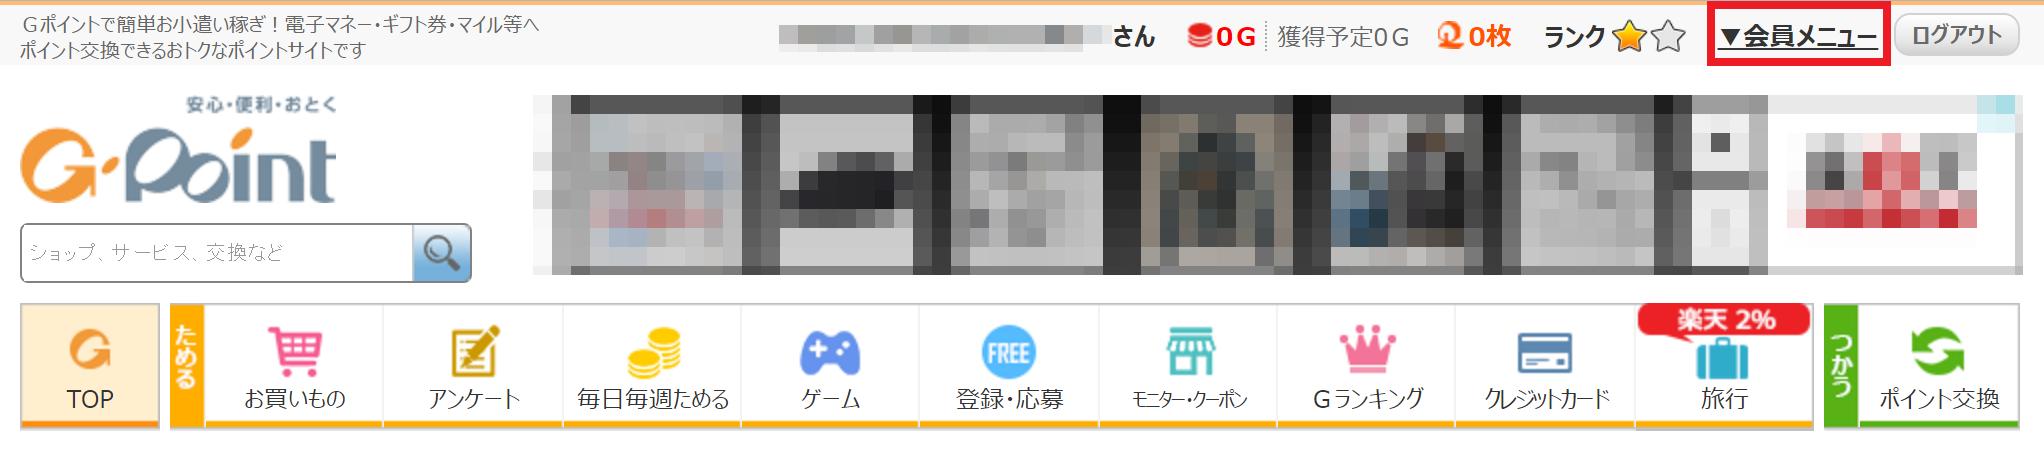 Gポイント/会員メニュー